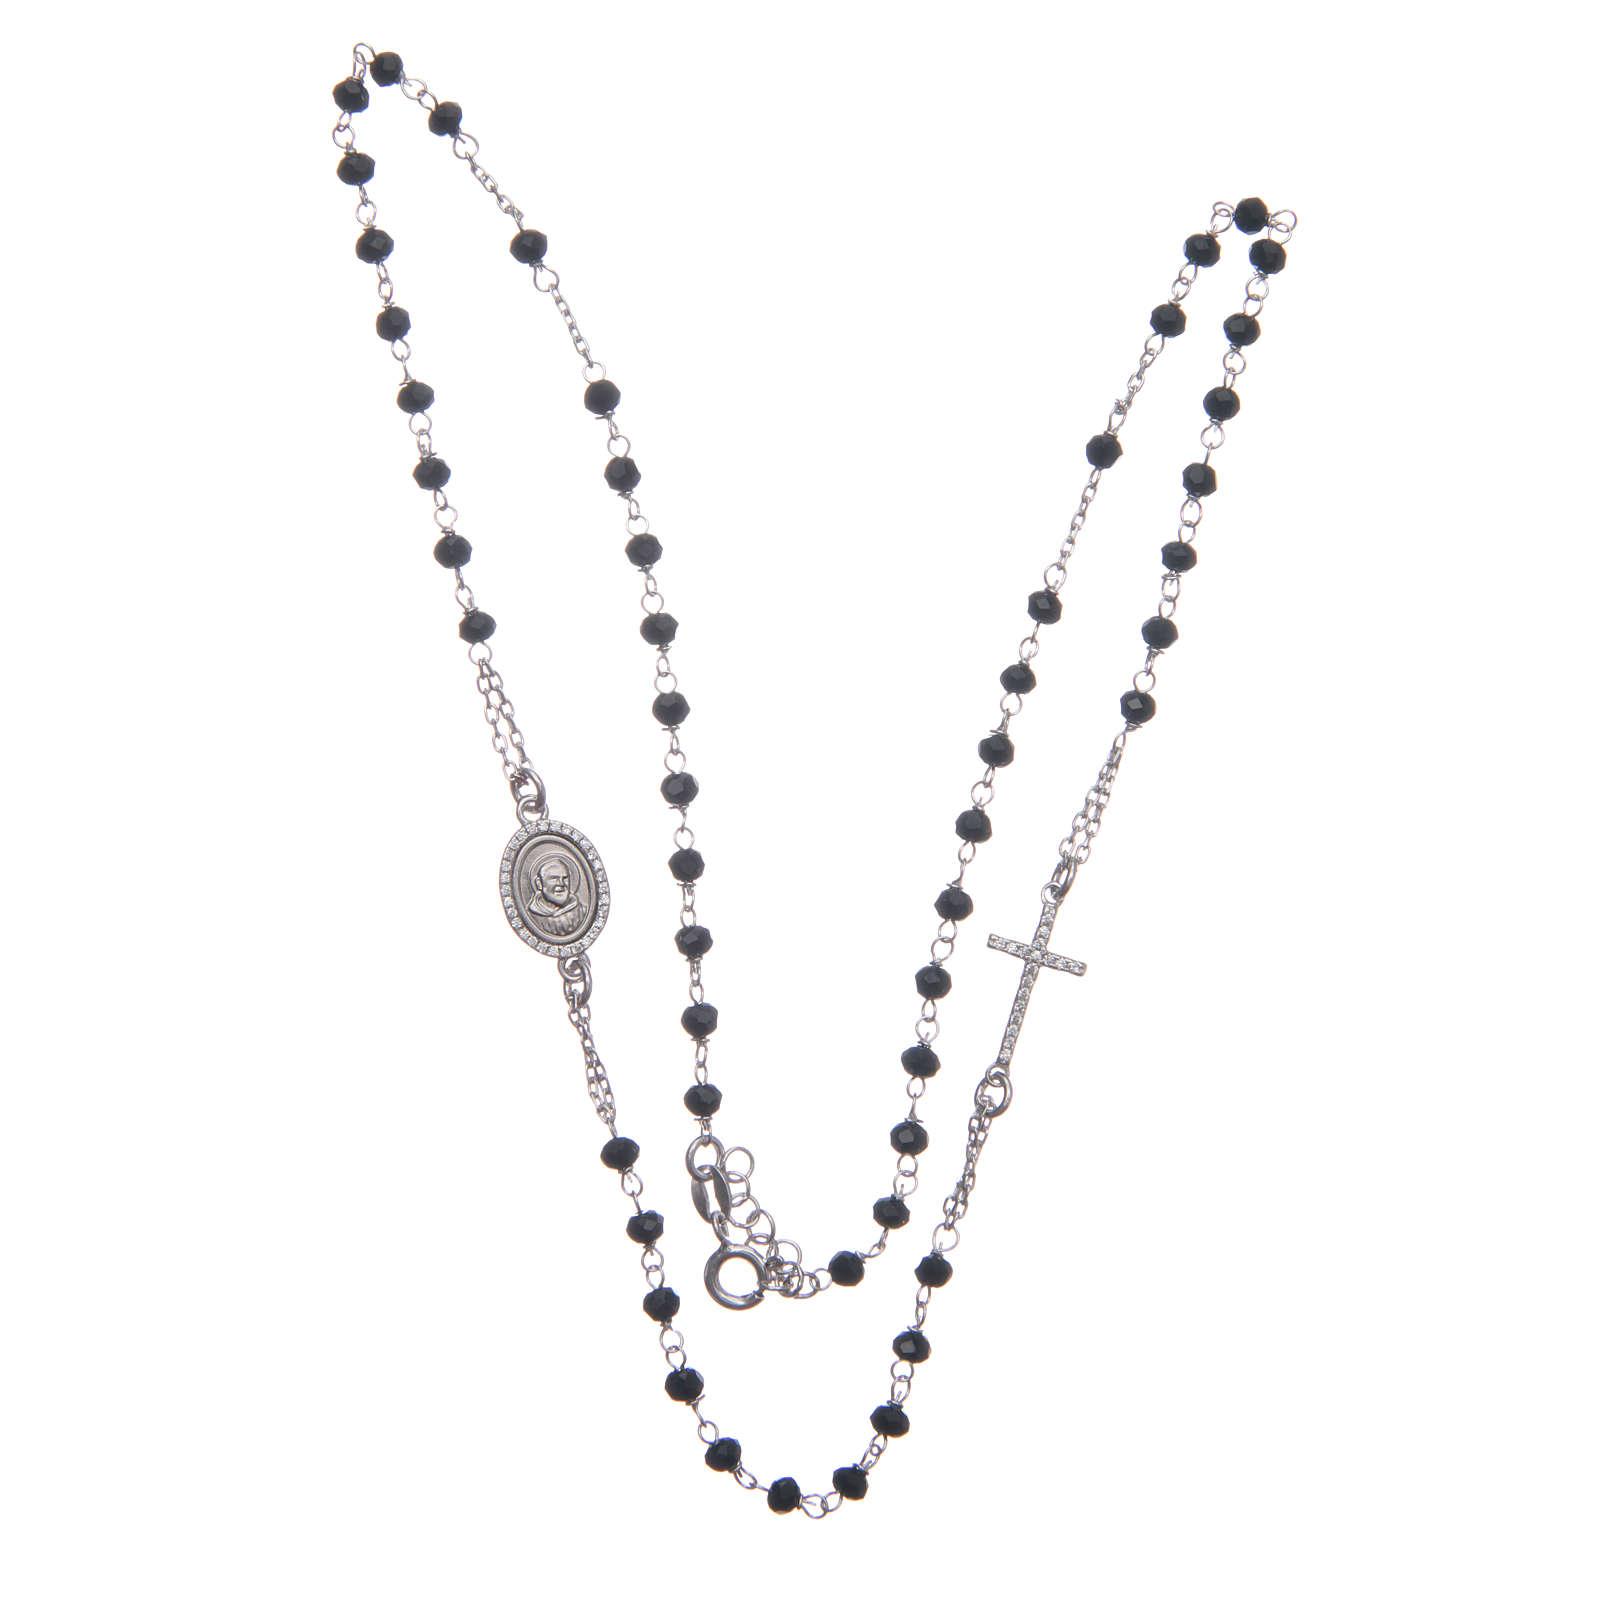 Rosario collar Padre Pío negro circones blancos plata 925 4